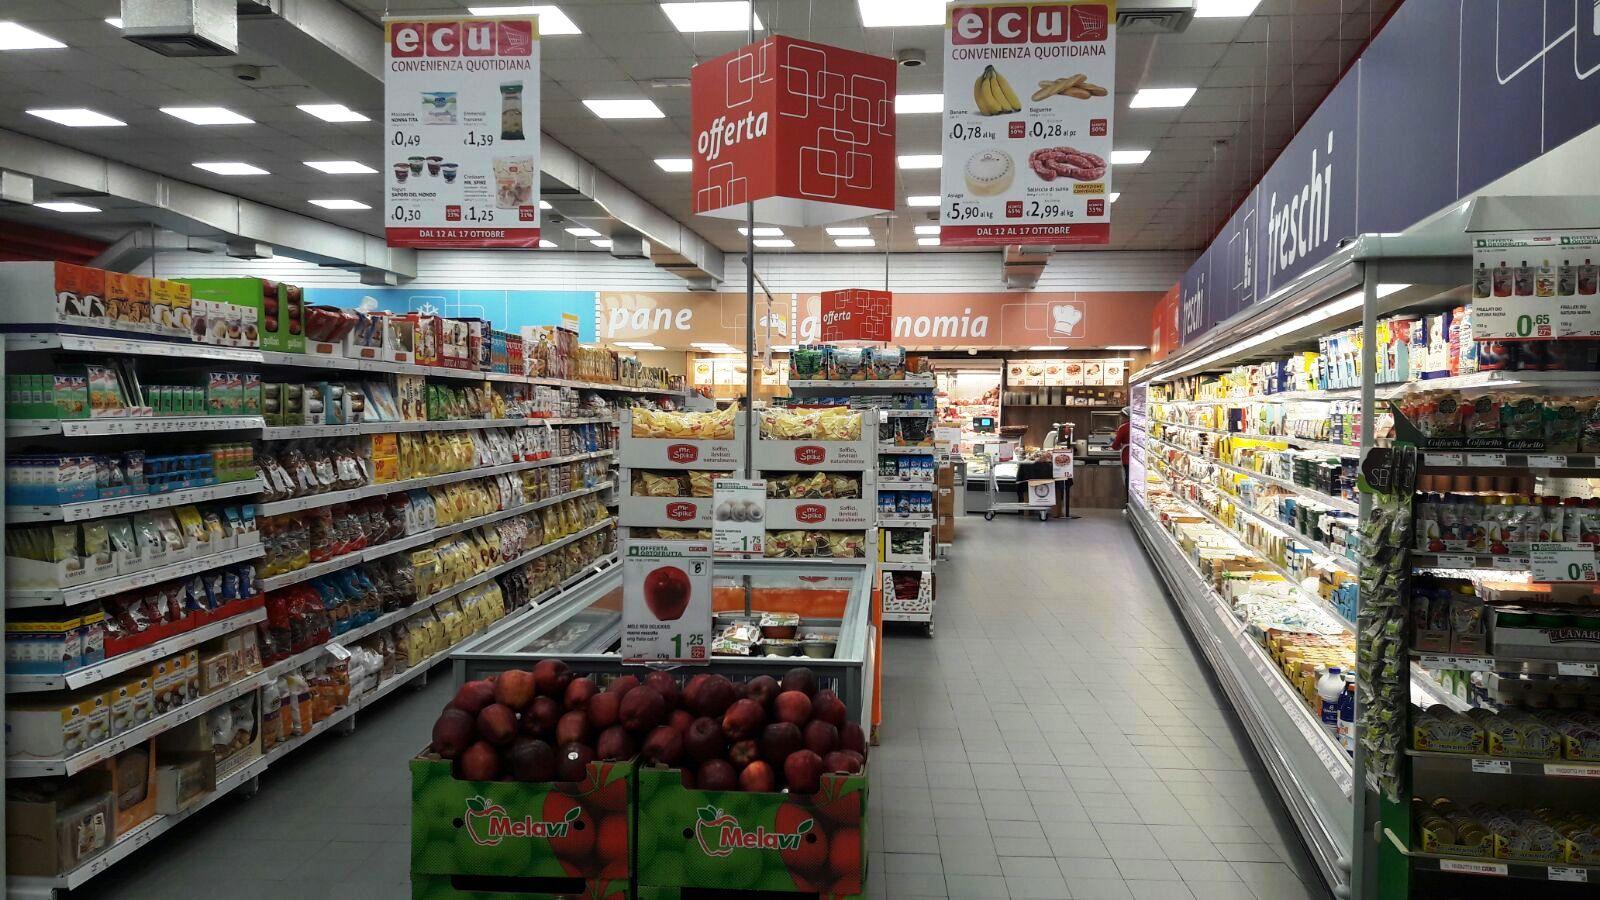 Emilia Romagna Negozi e Prodotti